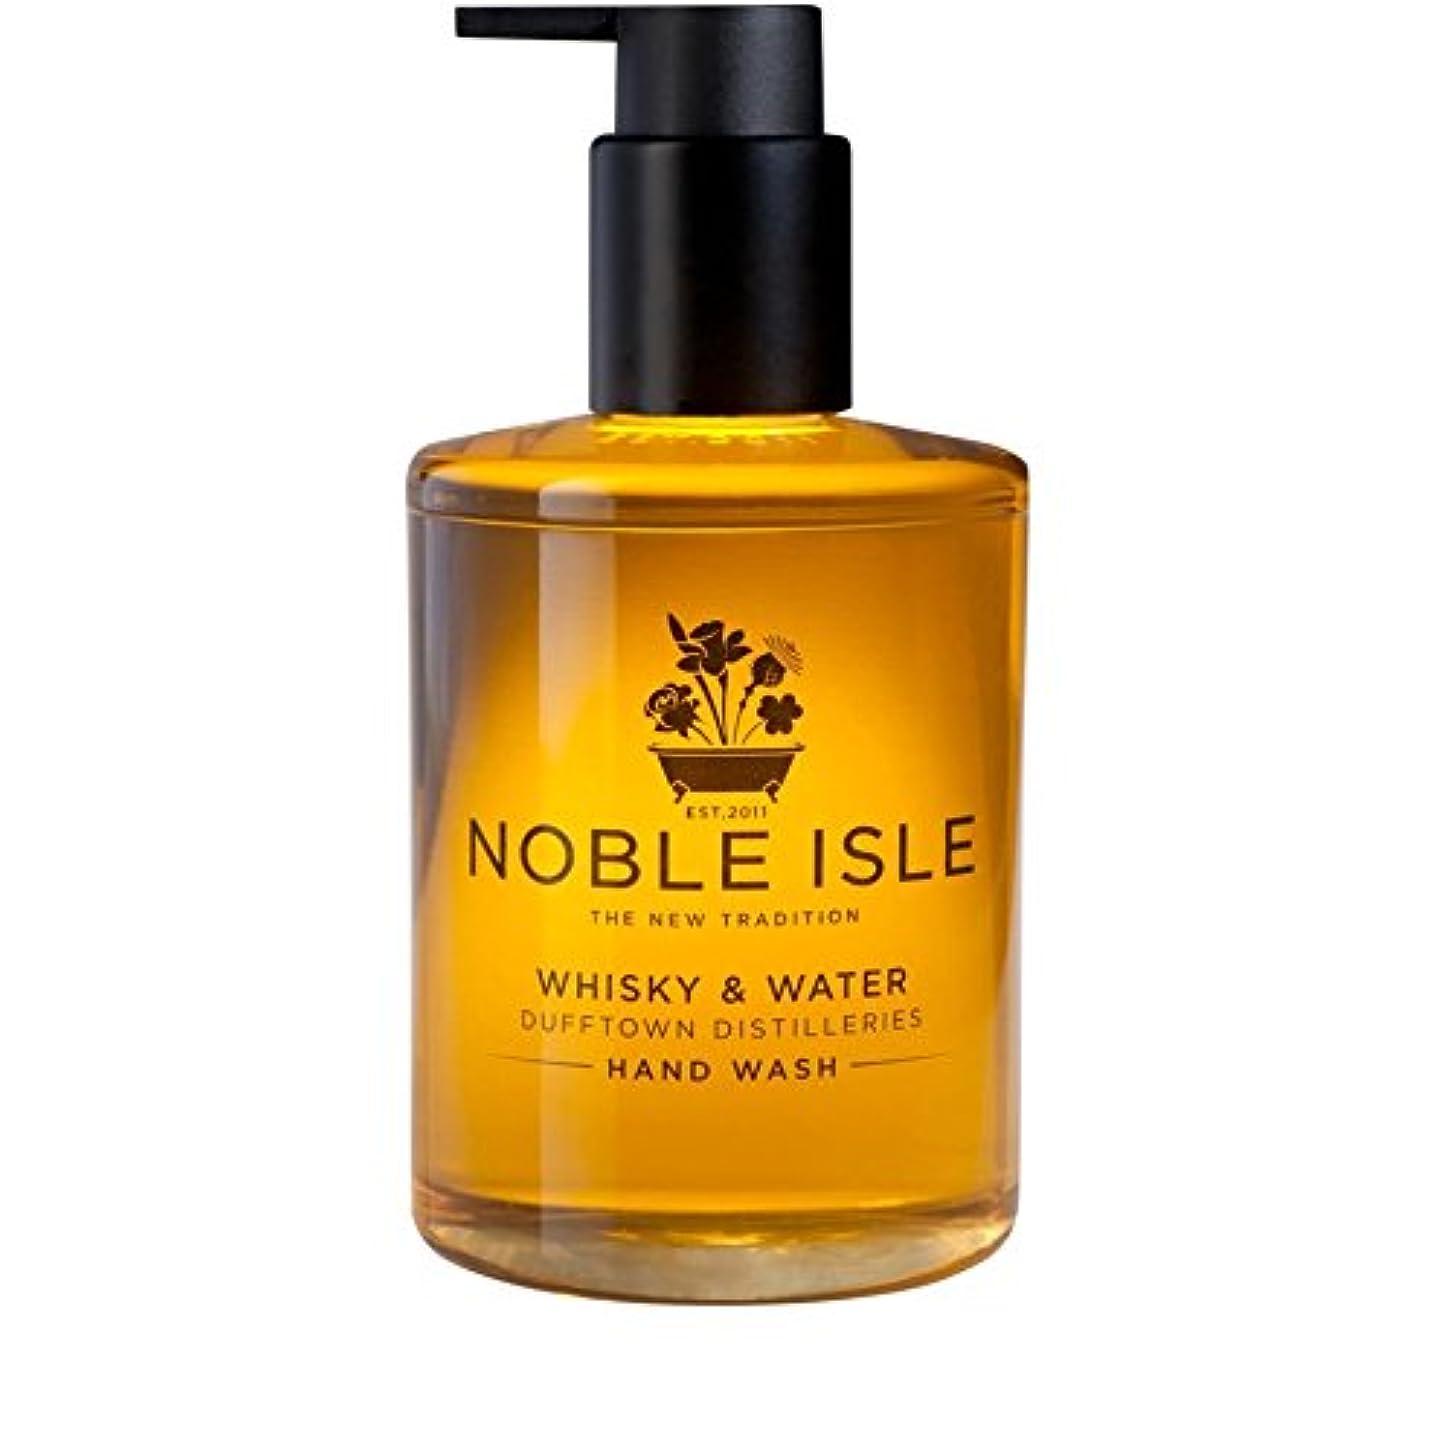 症状戦士管理するNoble Isle Whisky and Water Dufftown Distilleries Hand Wash 250ml - 高貴な島の水割りの蒸留所のハンドウォッシュ250ミリリットル [並行輸入品]